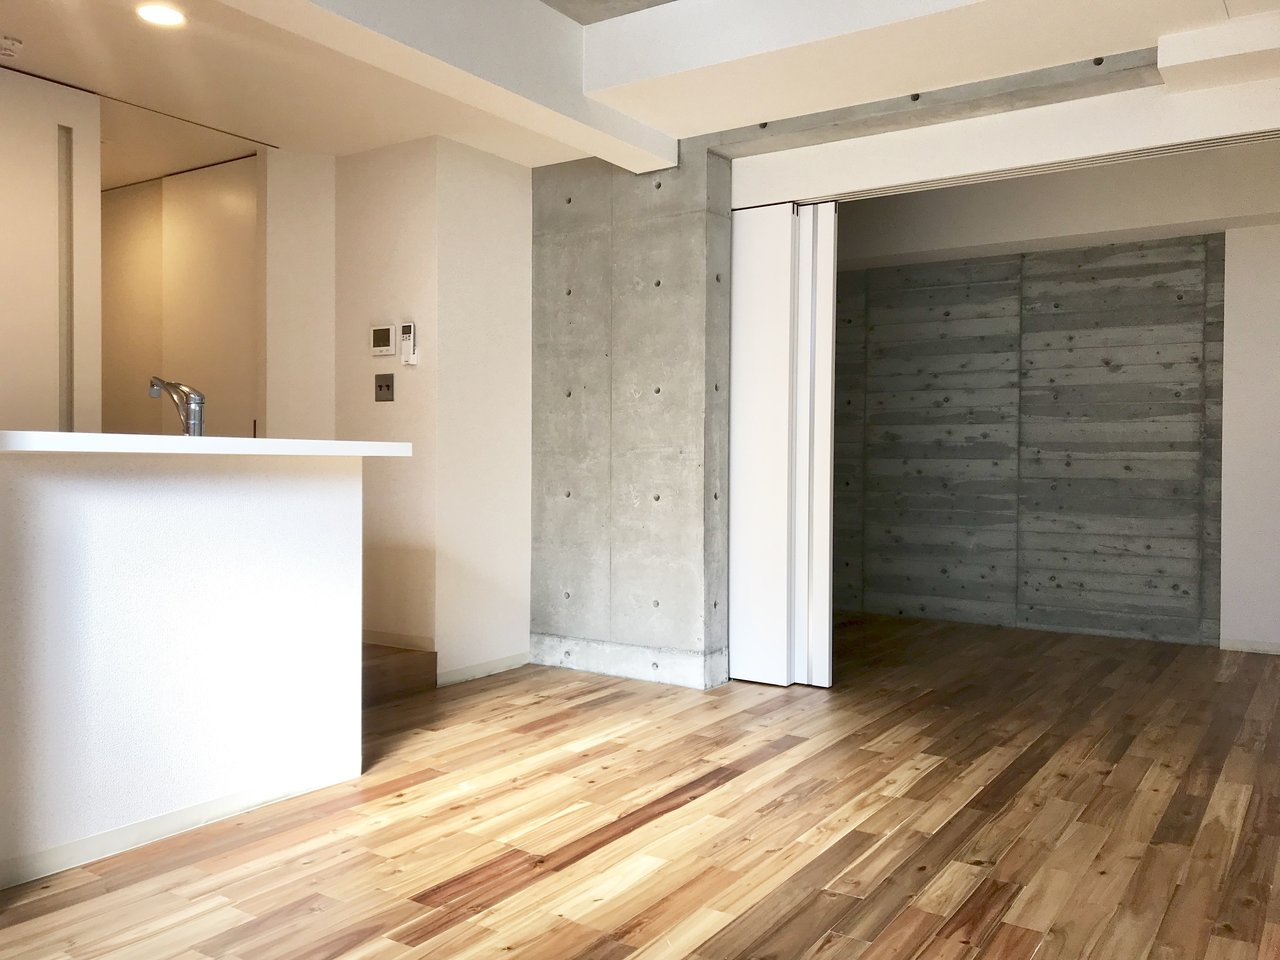 みんな大好き、無垢床のお部屋!肌触り、木の香り。木目とコンクリート打ちっ放しの壁のコントラストもいい感じ。